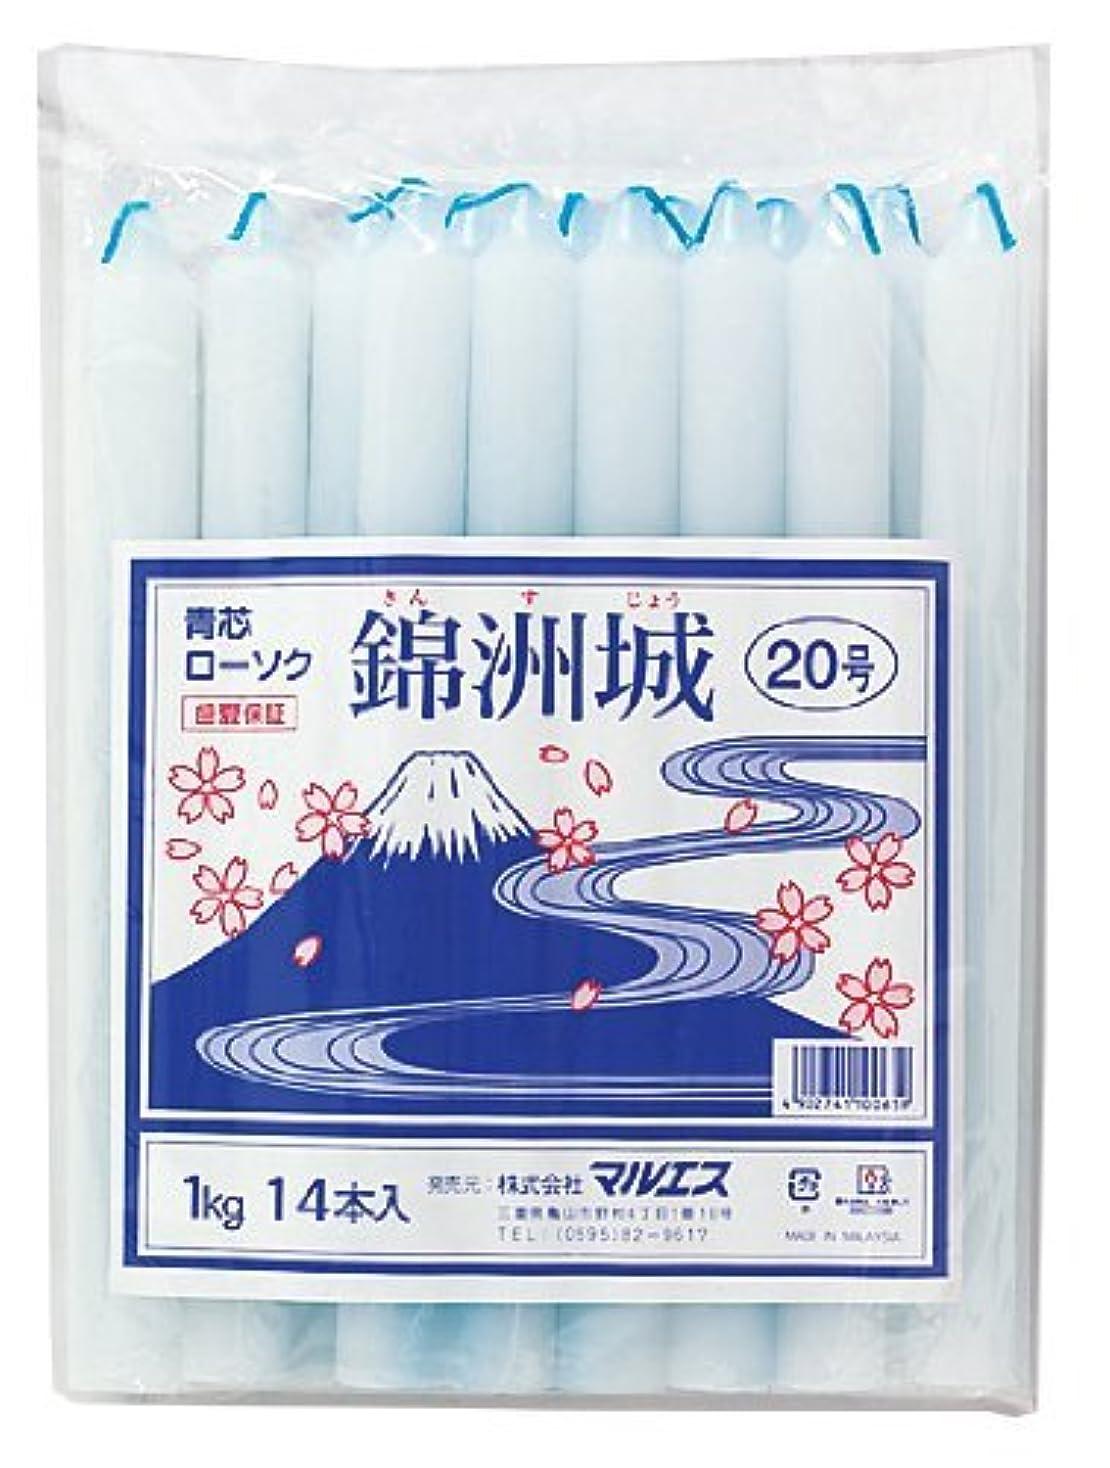 実験シェア規範マルエス 錦州城 青芯20号 1kg